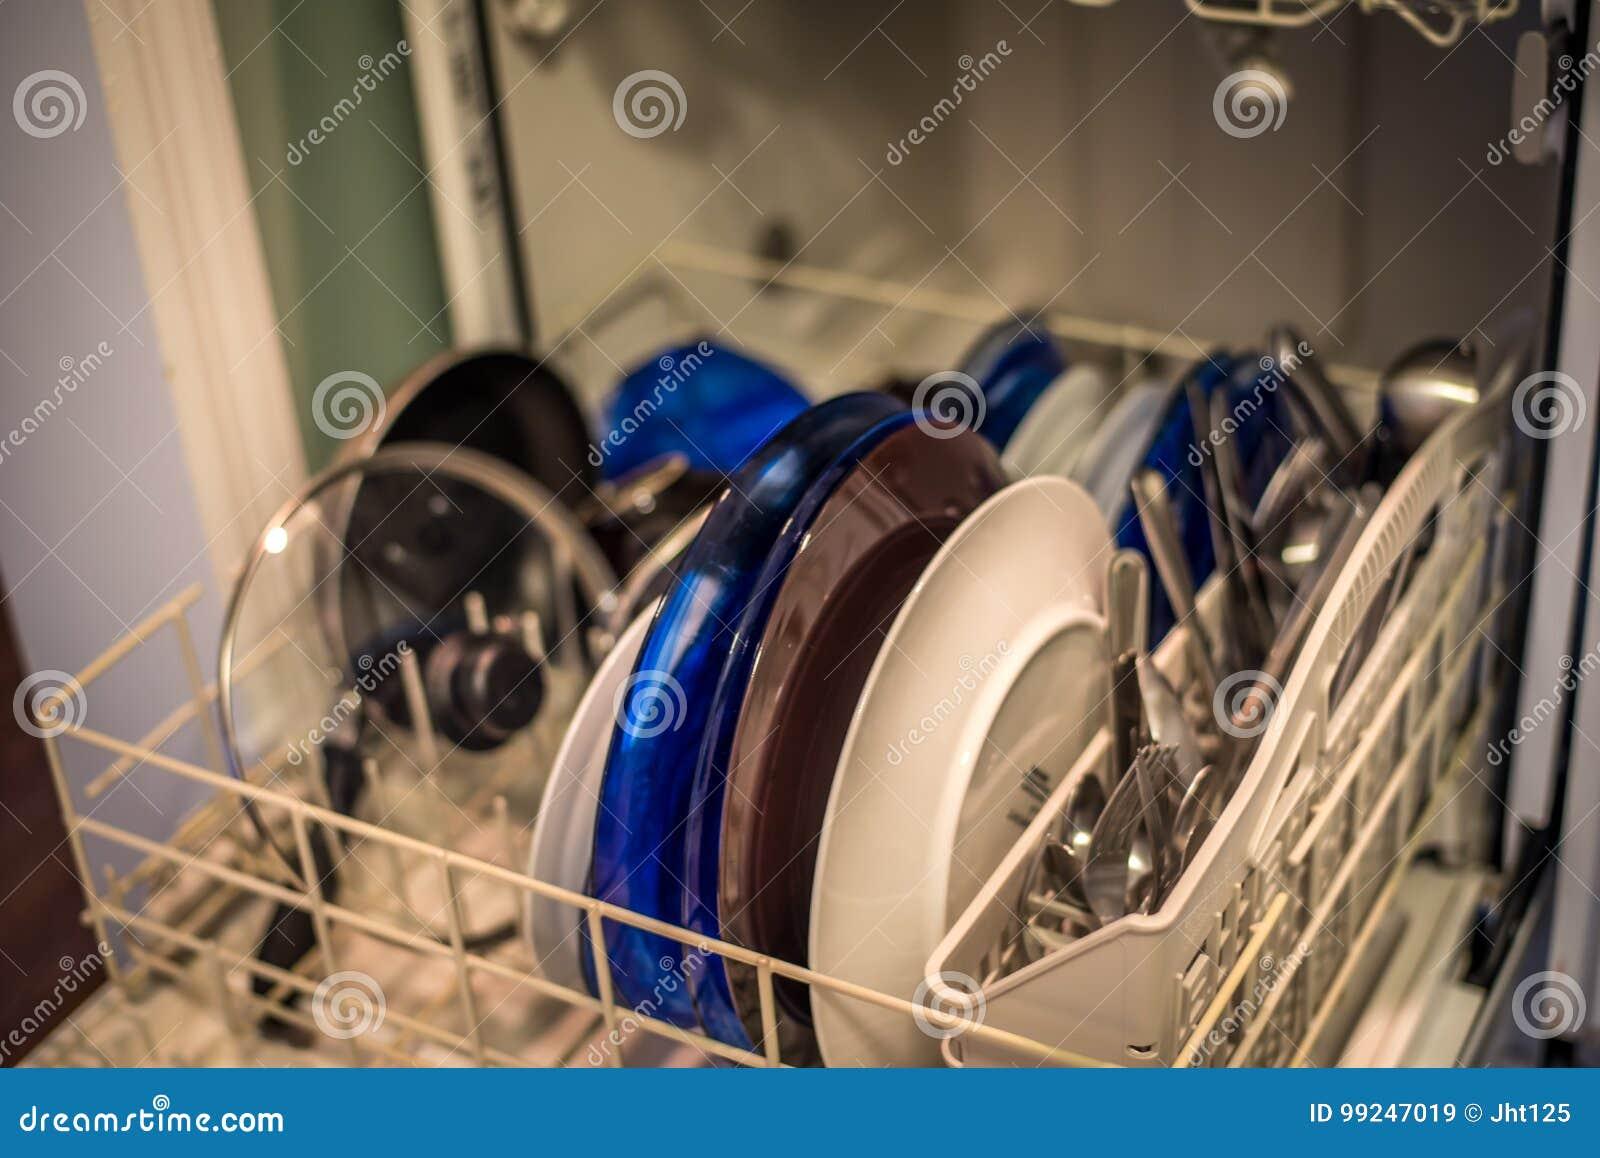 Nettoyez le Dishware dans le lave-vaisselle